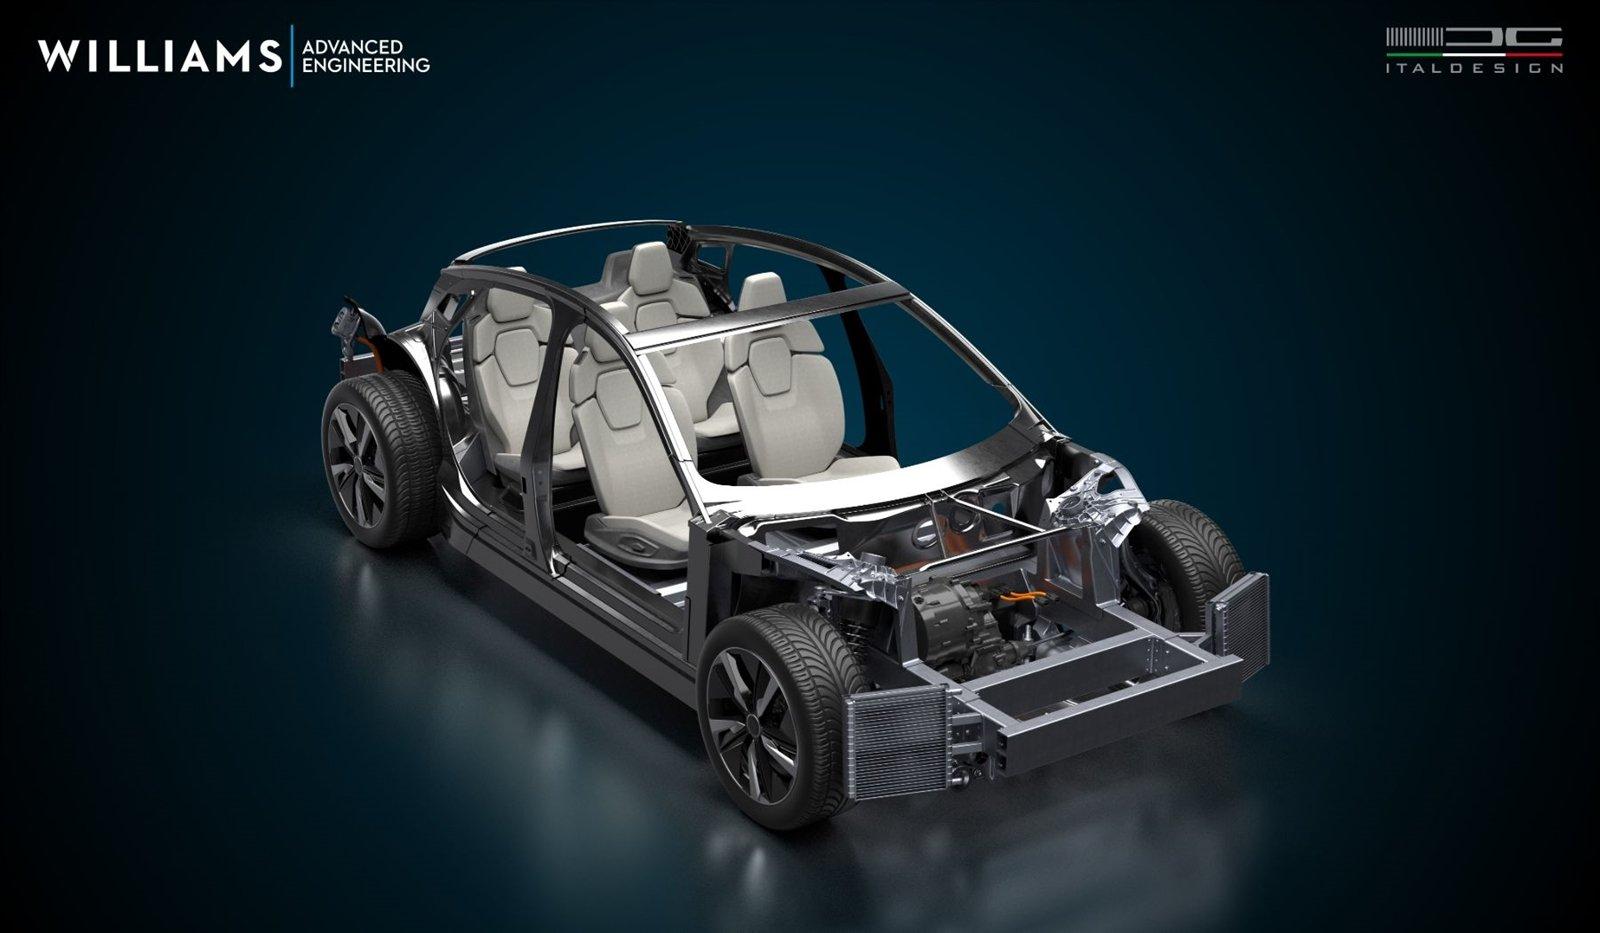 Italdesign sẽ chịu trách nhiệm thiết kế dáng xe theo yêu cầu của khách hàng